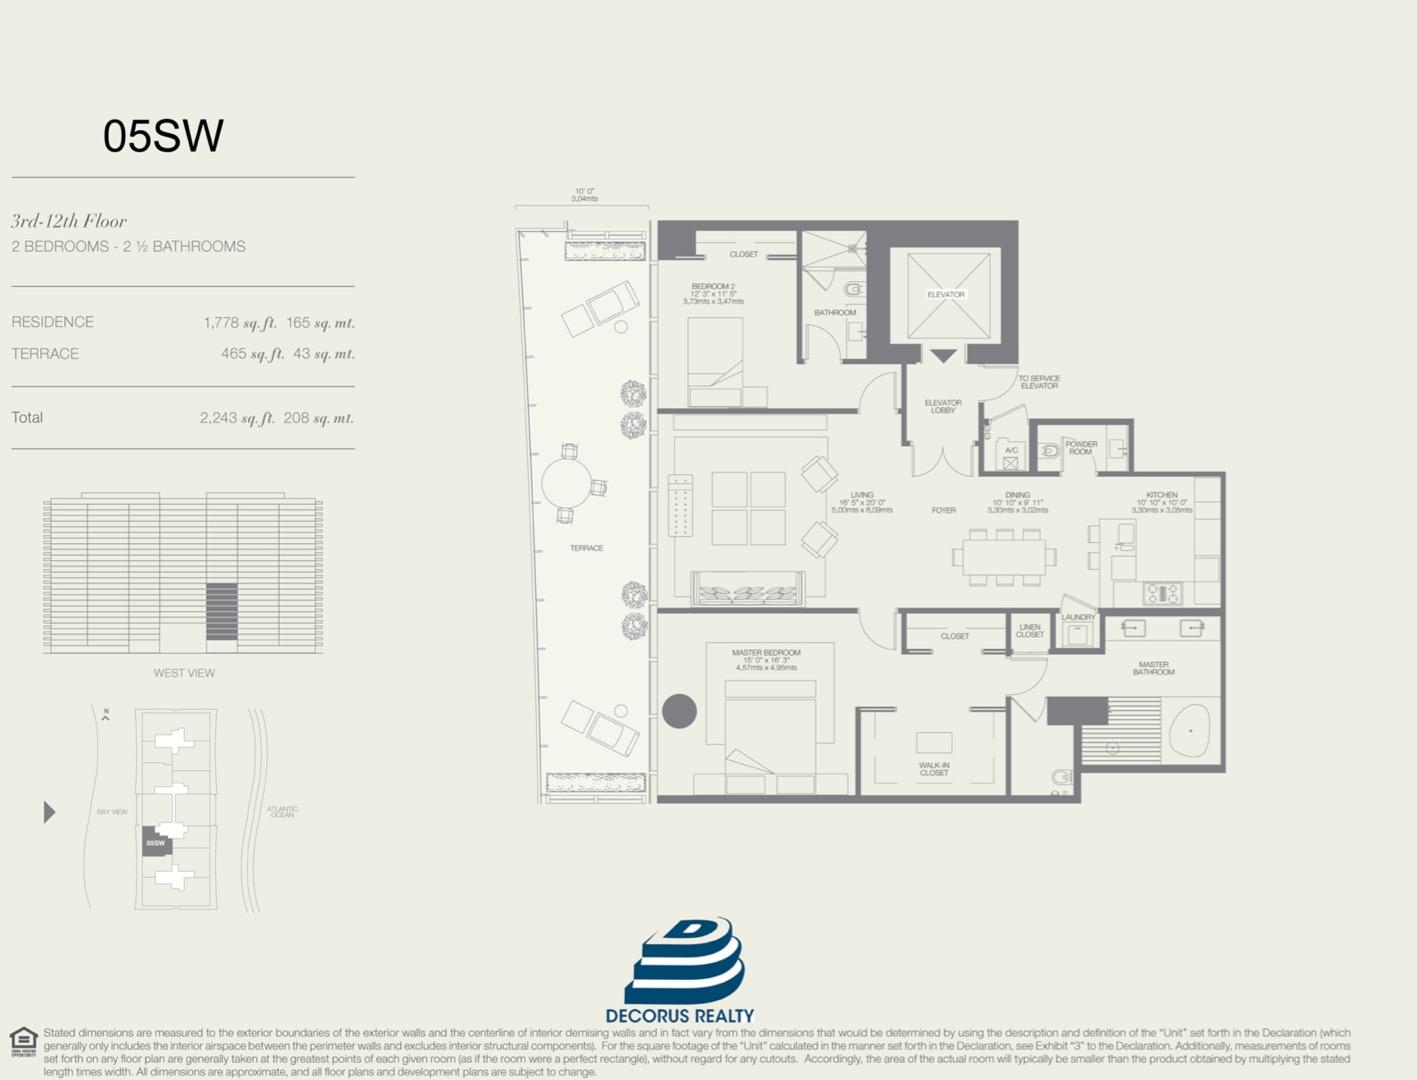 Floor plan image 05SW - 2/2.5  - 1778 sqft image